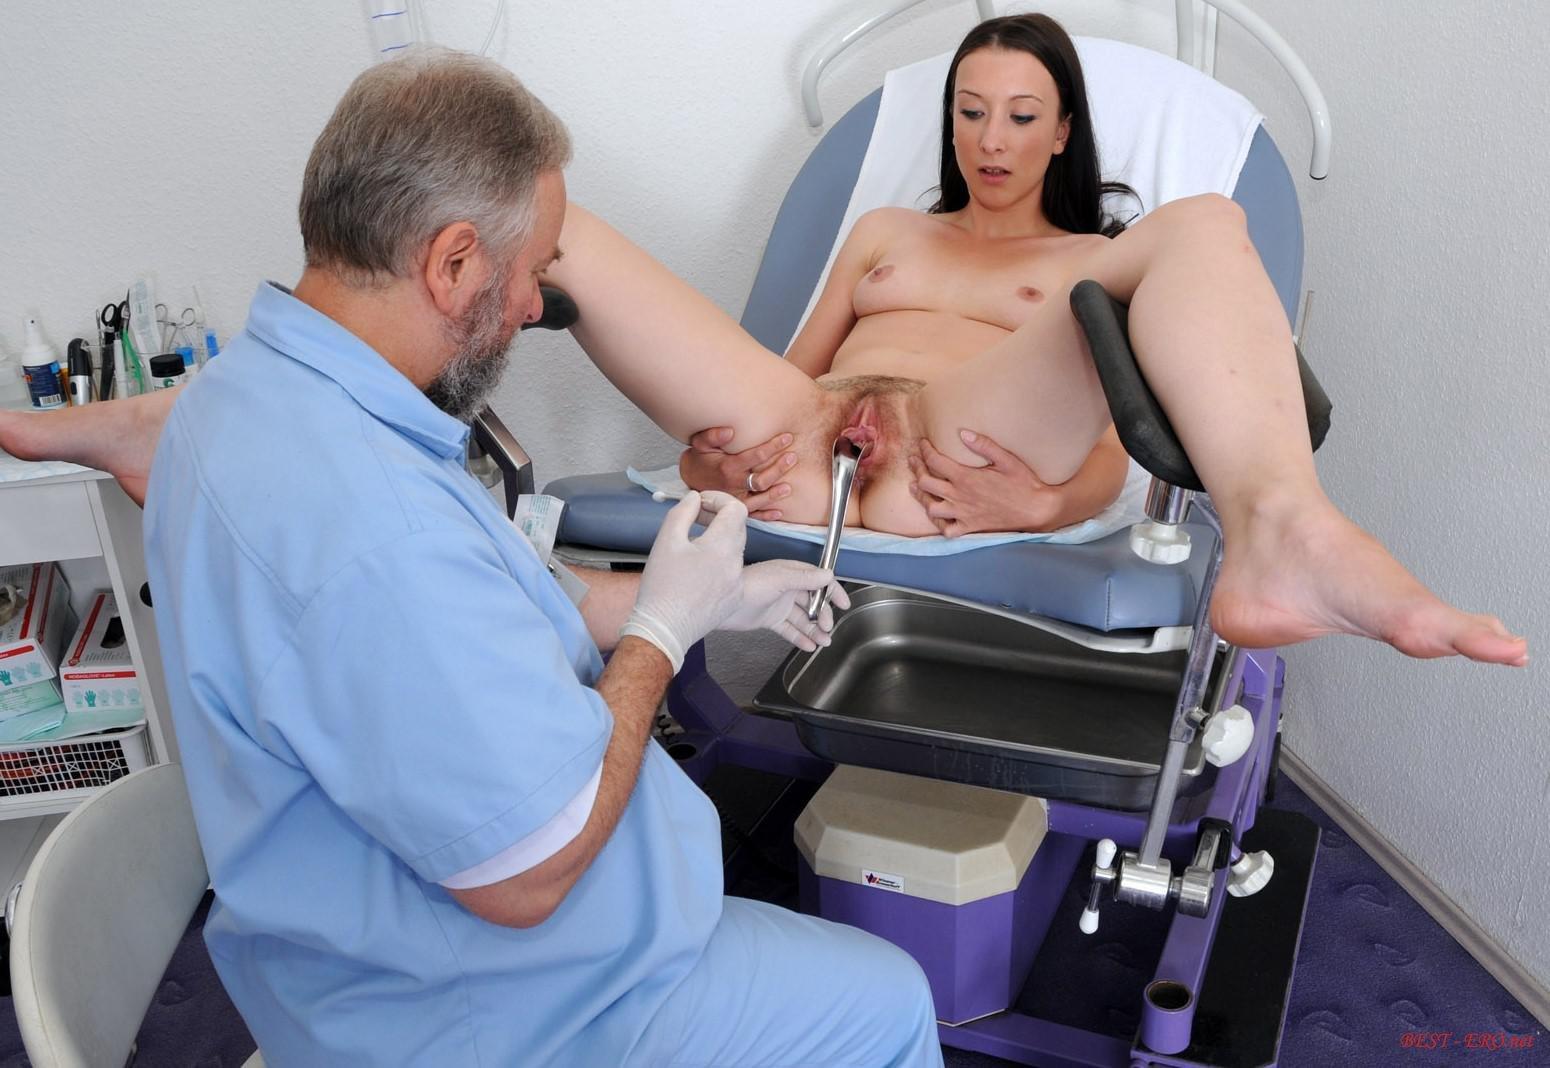 krasivaya-lyubov-video-u-vracha-ginekologa